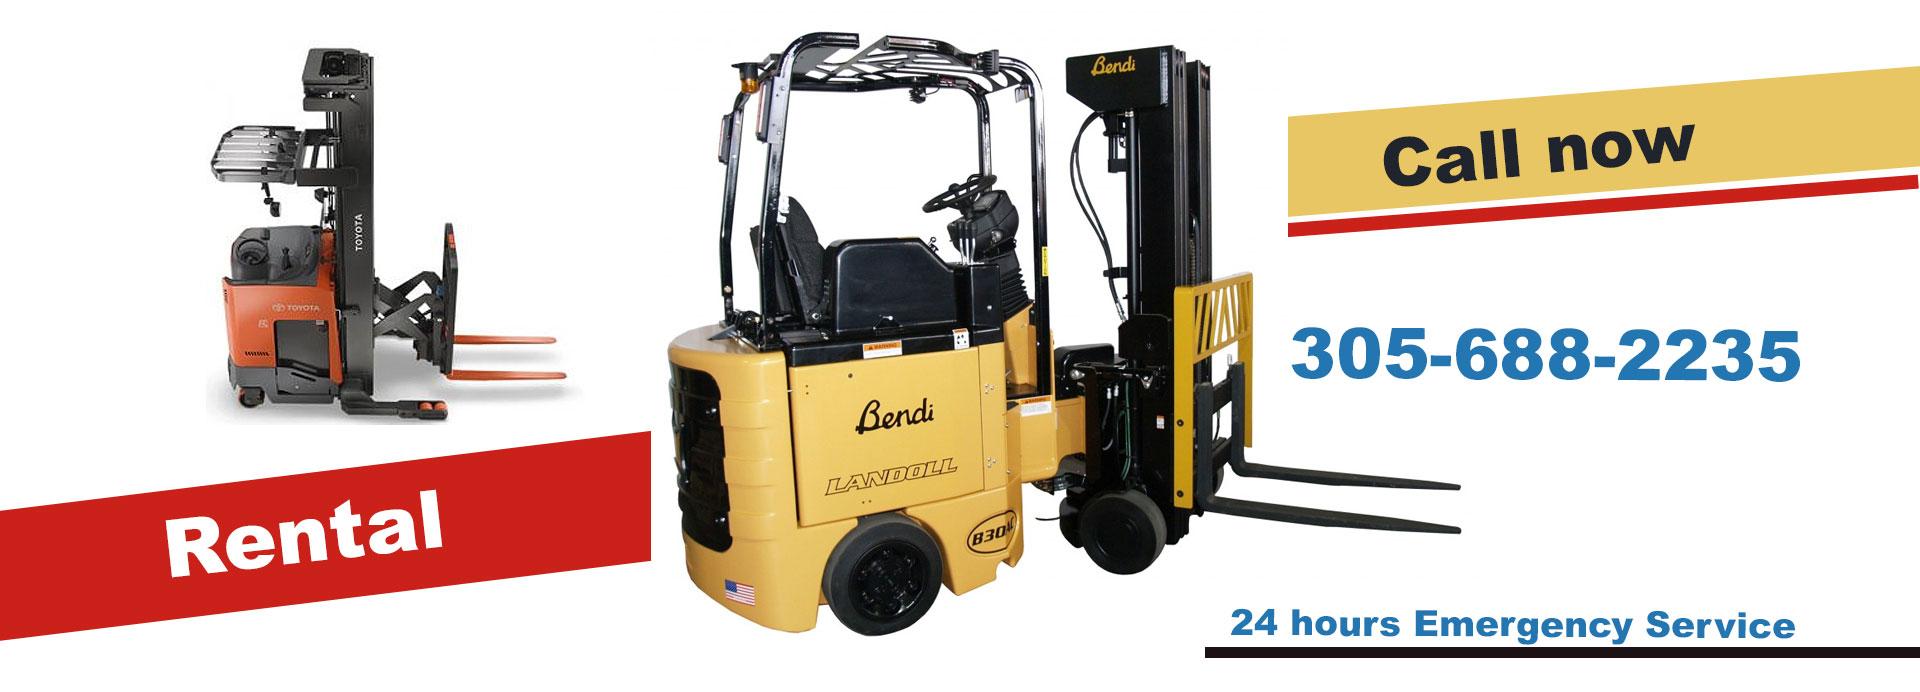 Forklifts for sale miami, forklift for Rent   Forklifts for